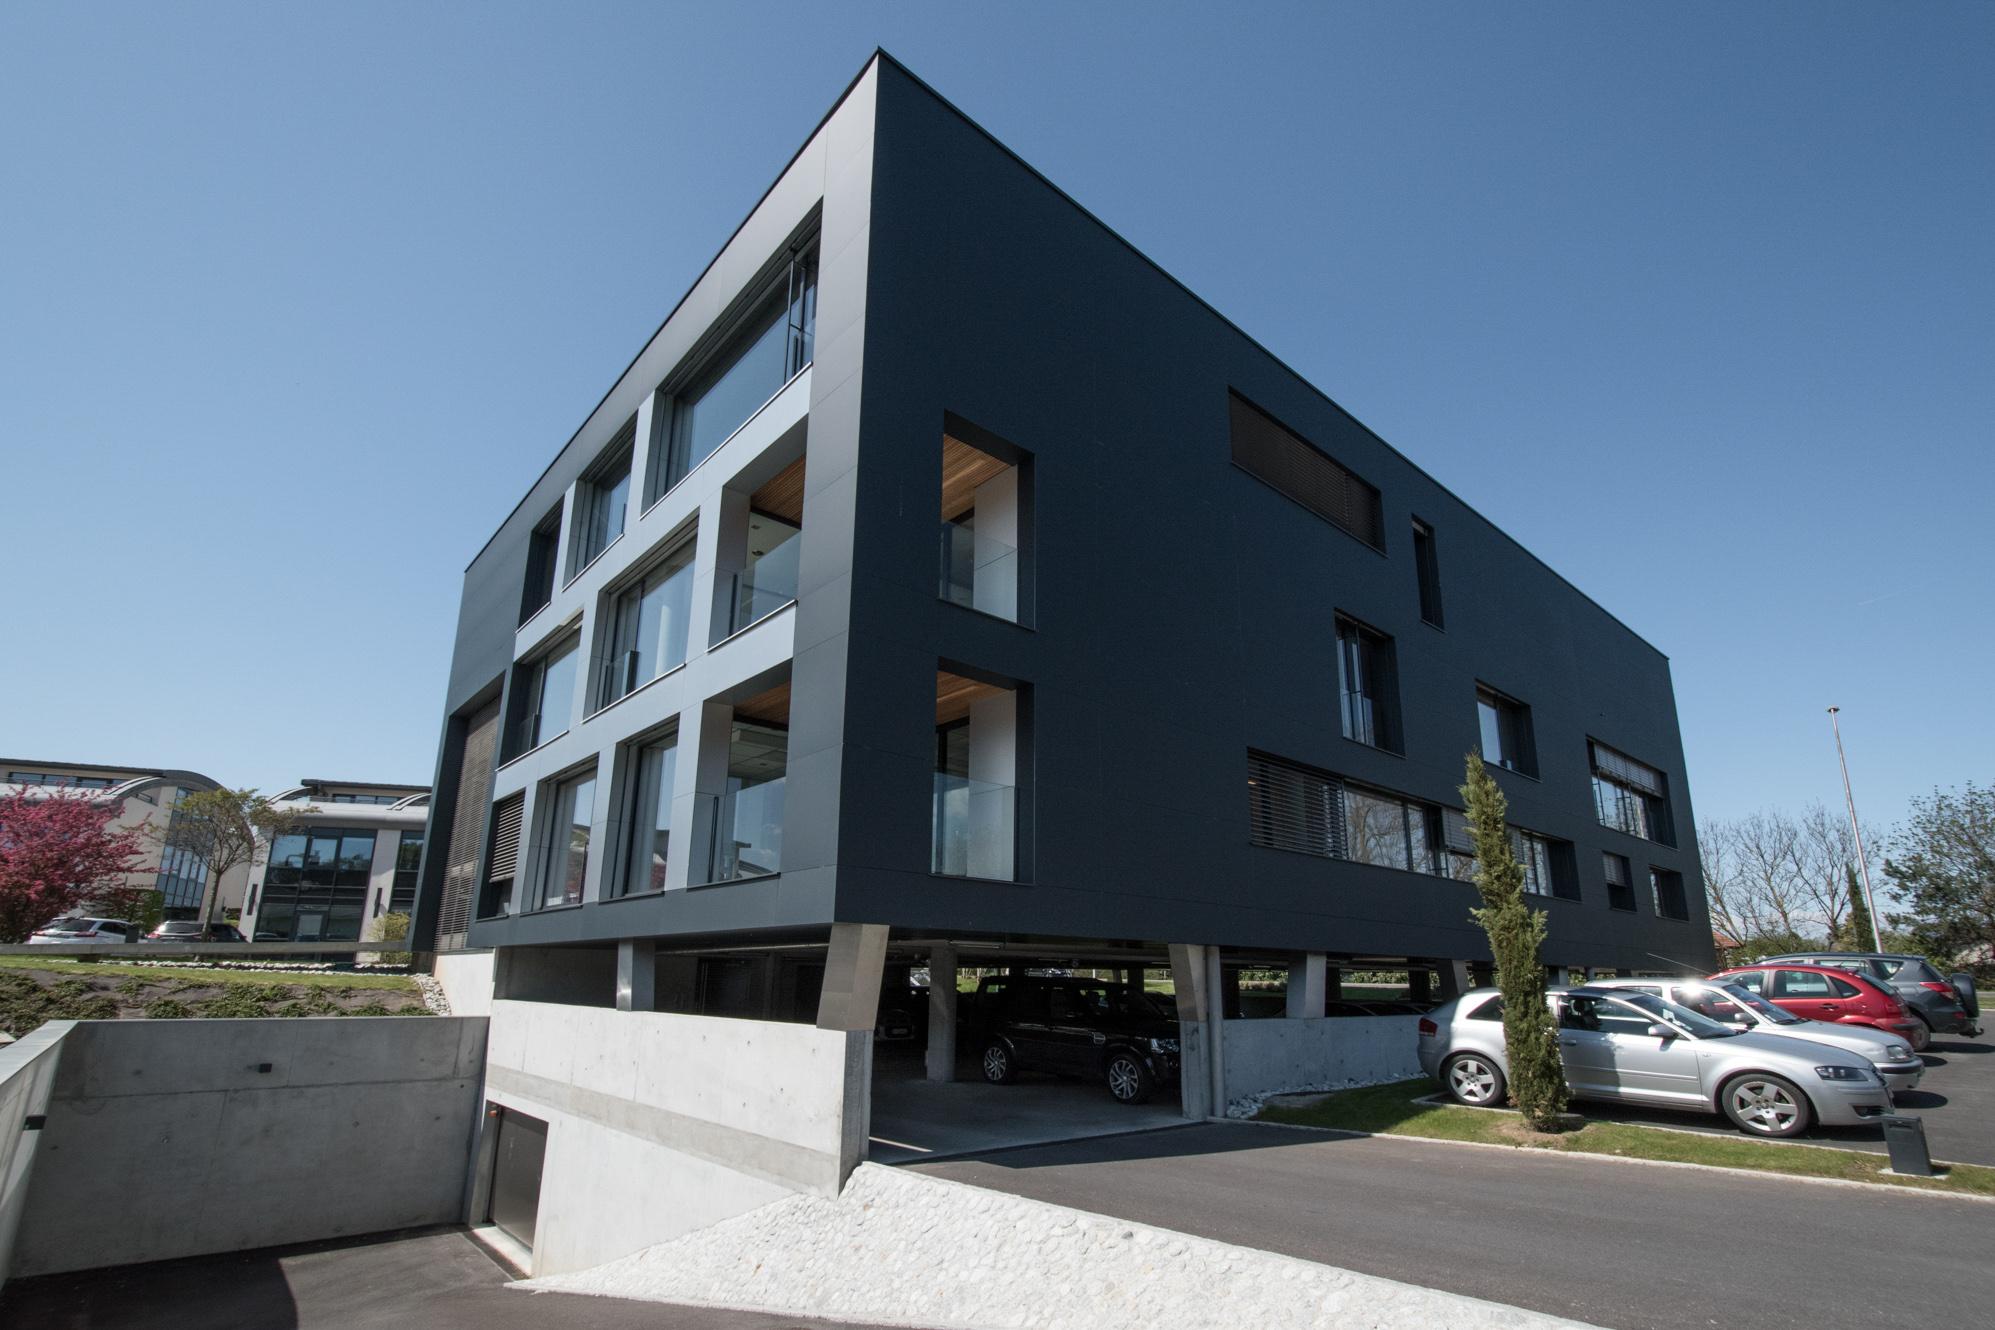 Bureaux : cabinet d'architecture